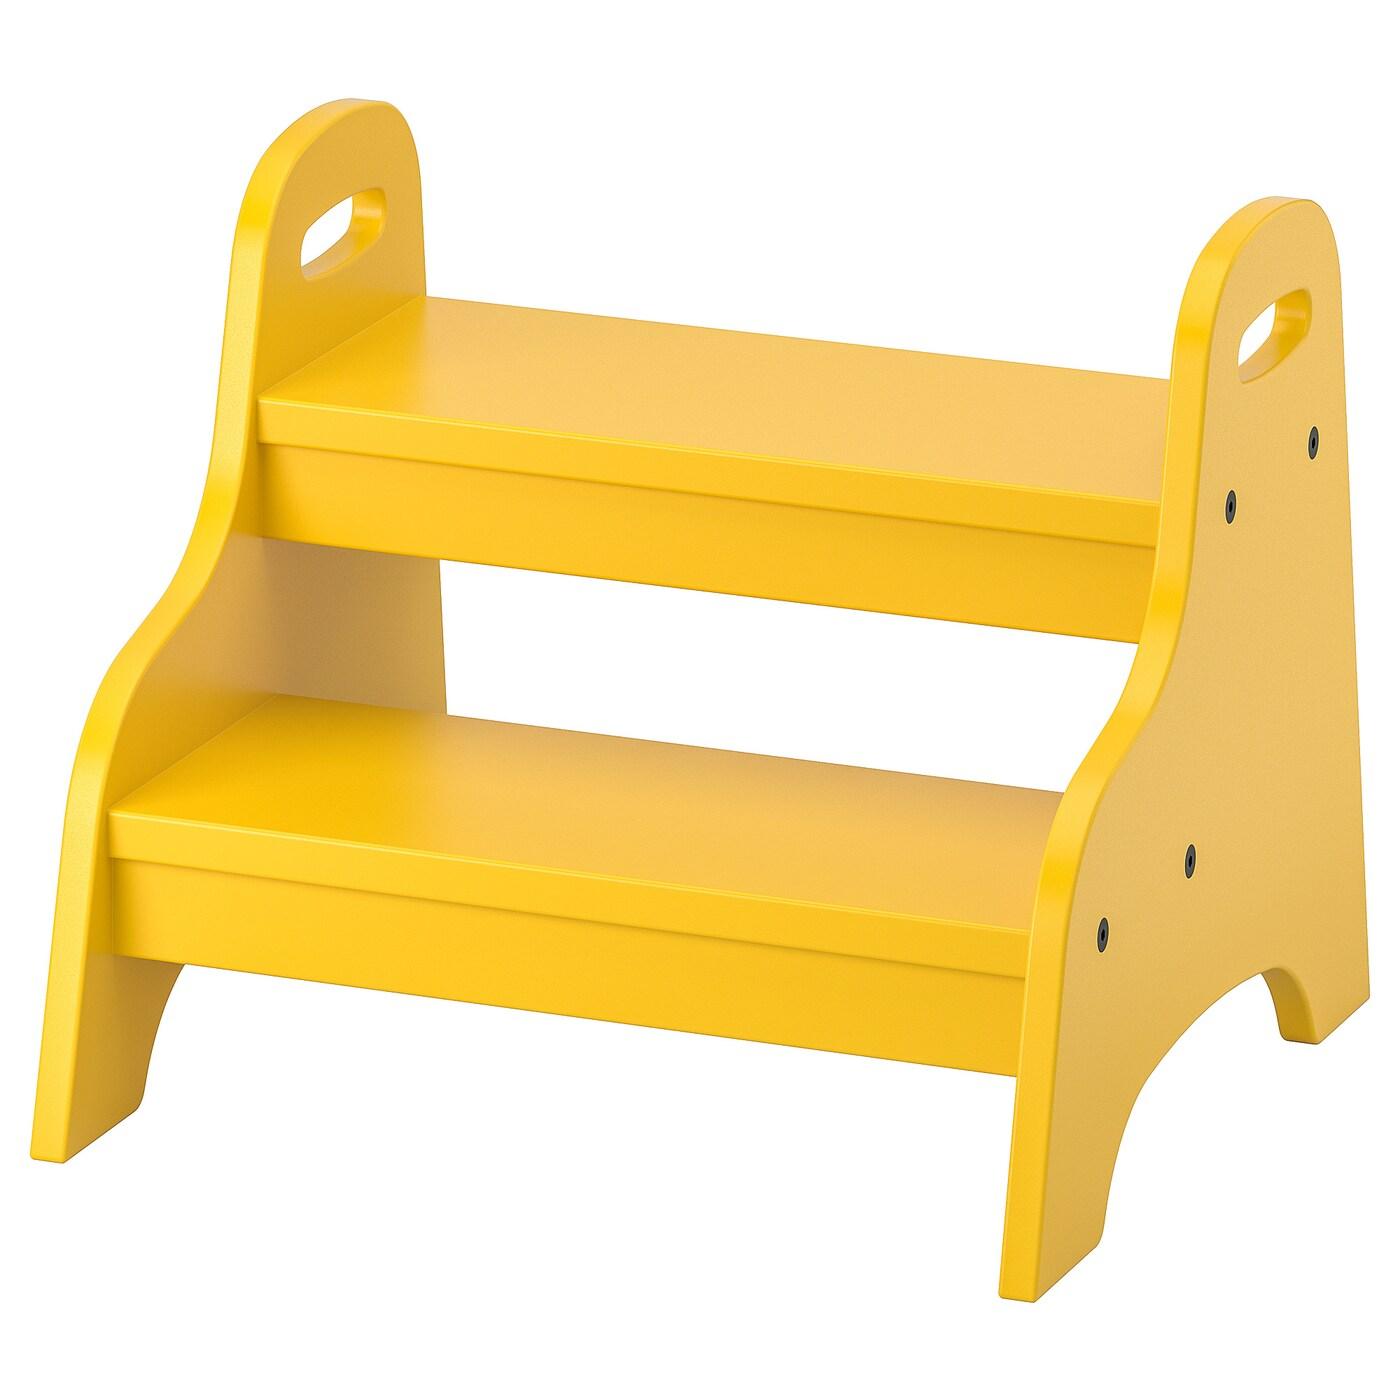 TROGEN Tritthocker für Kinder - gelb 16x16x16 cm